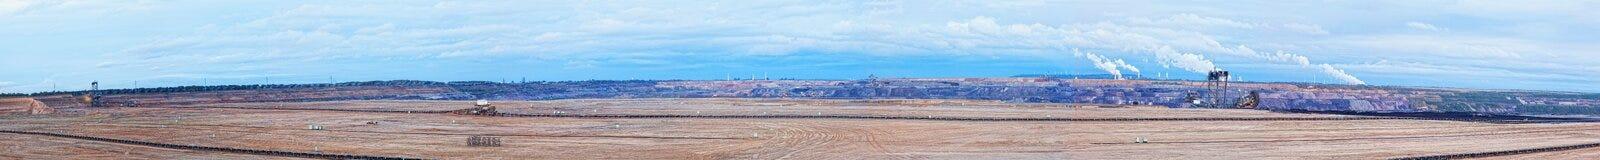 Big panorama of an open coal pit Stock Photos